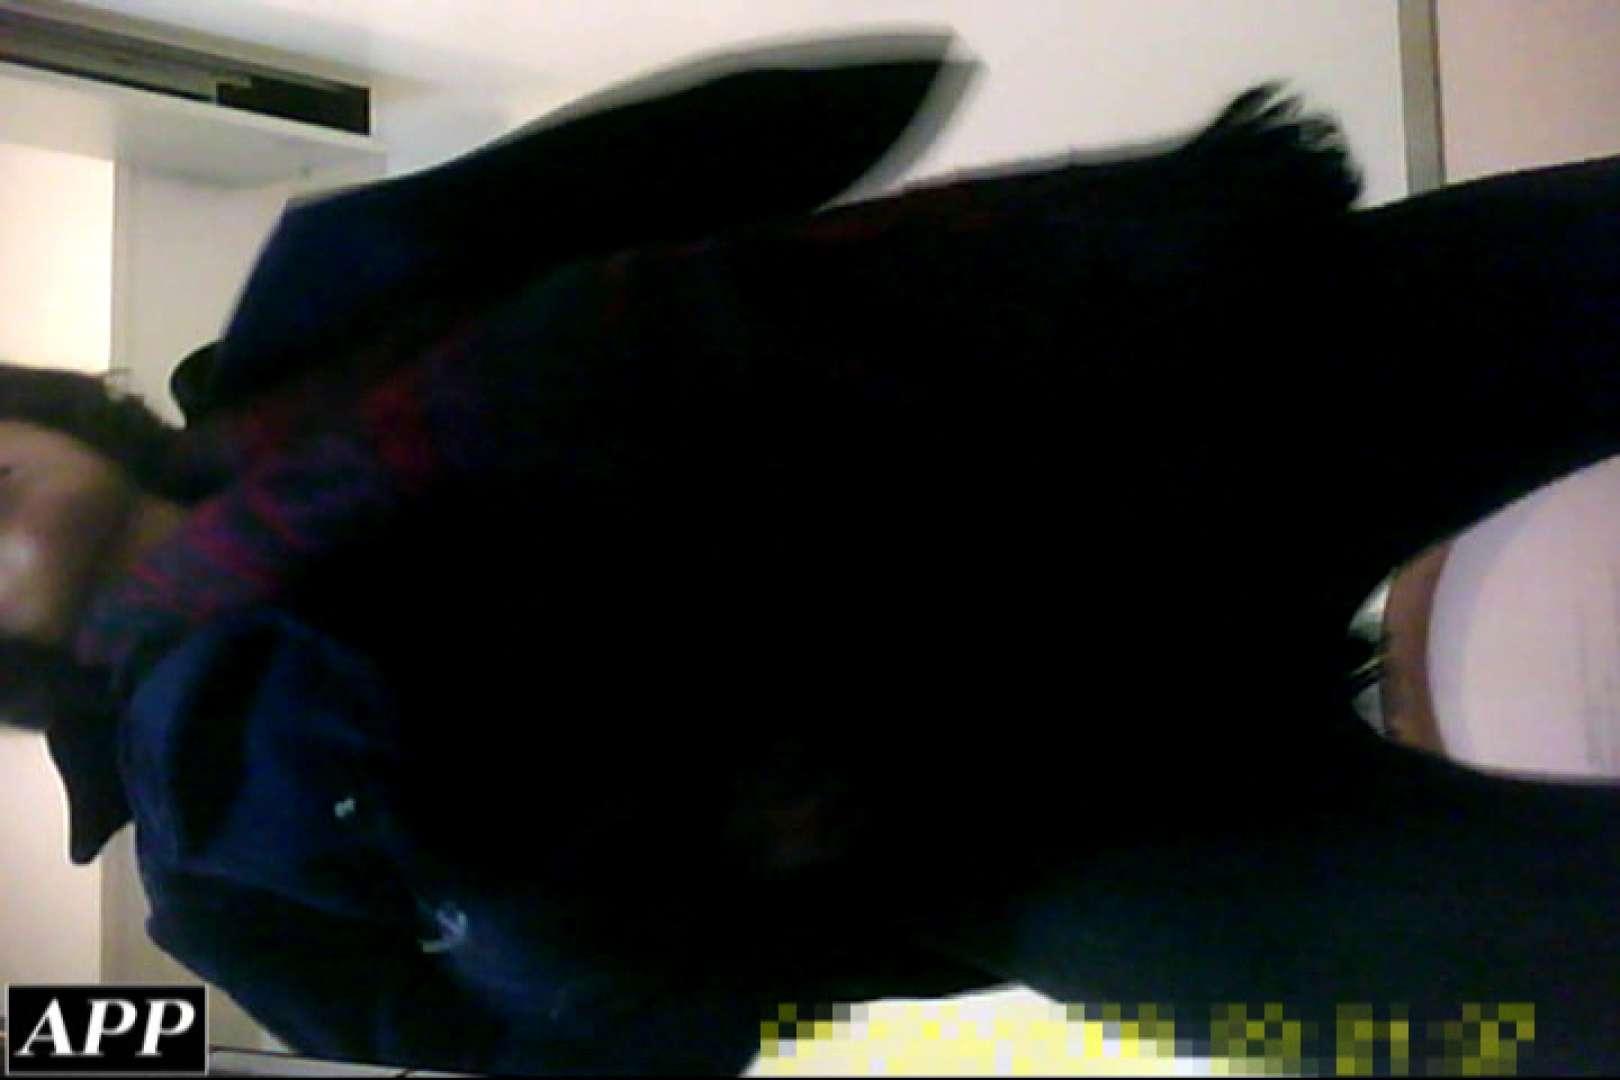 3視点洗面所 vol.77 OLのボディ われめAV動画紹介 94PIX 3